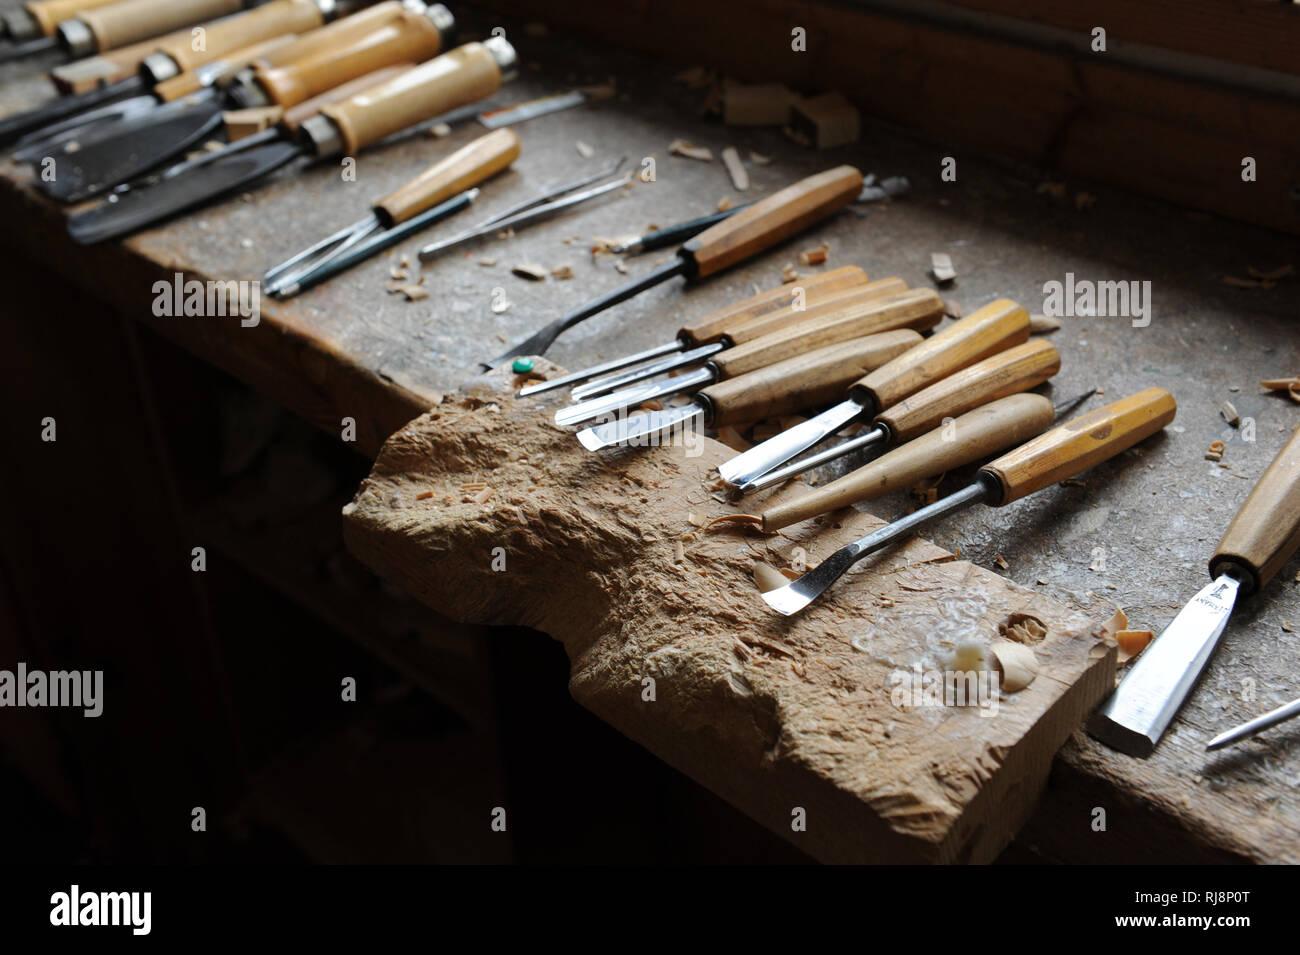 Holzbildhauer Atelier, Werkzeug und Zubehör Stock Photo